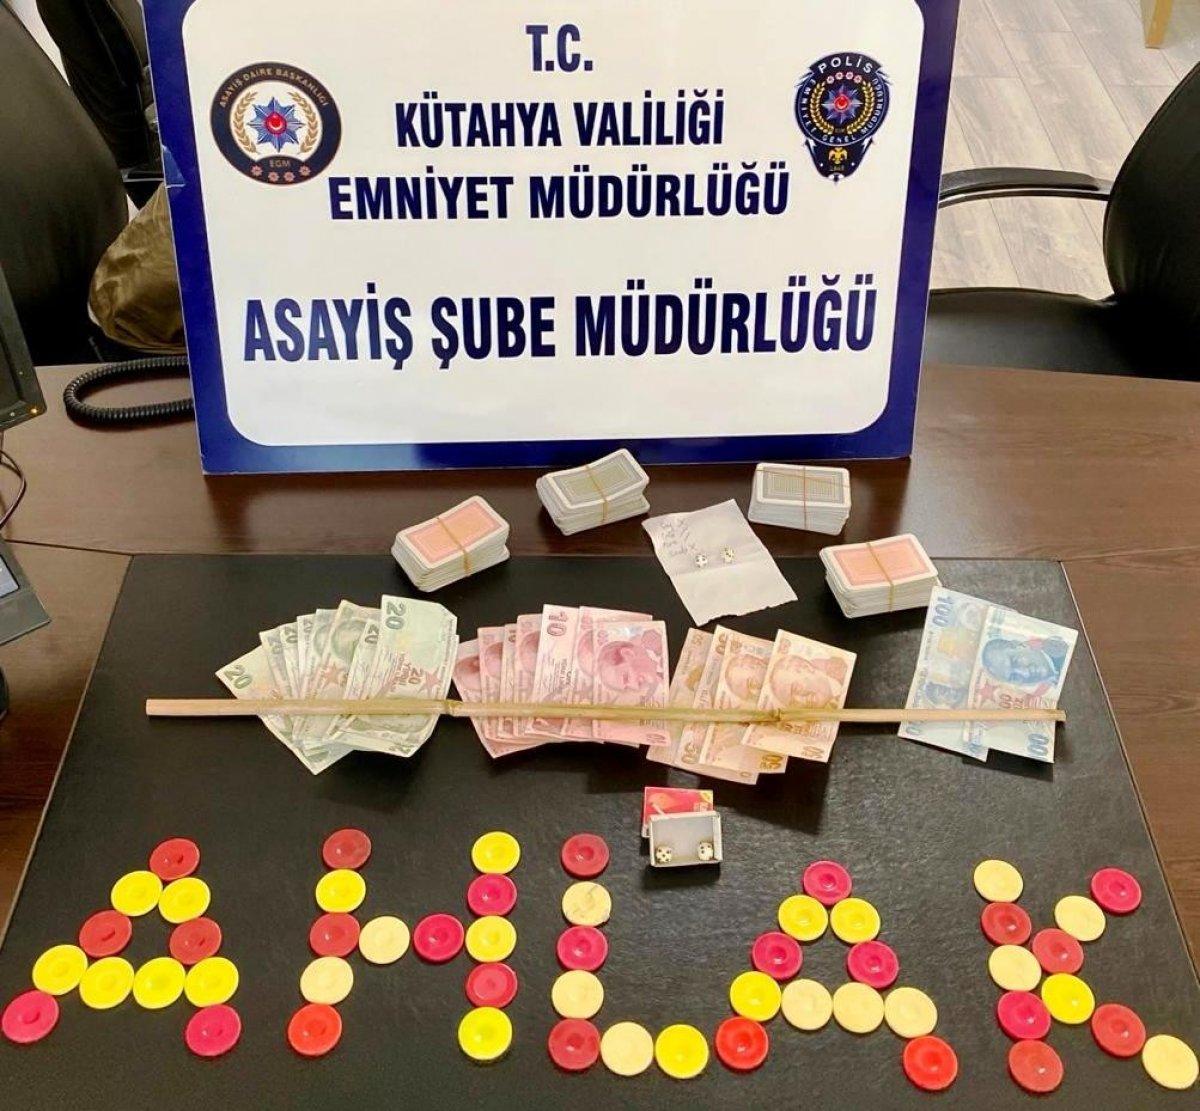 Kütahya da kumar operasyonu: 18 gözaltı #1